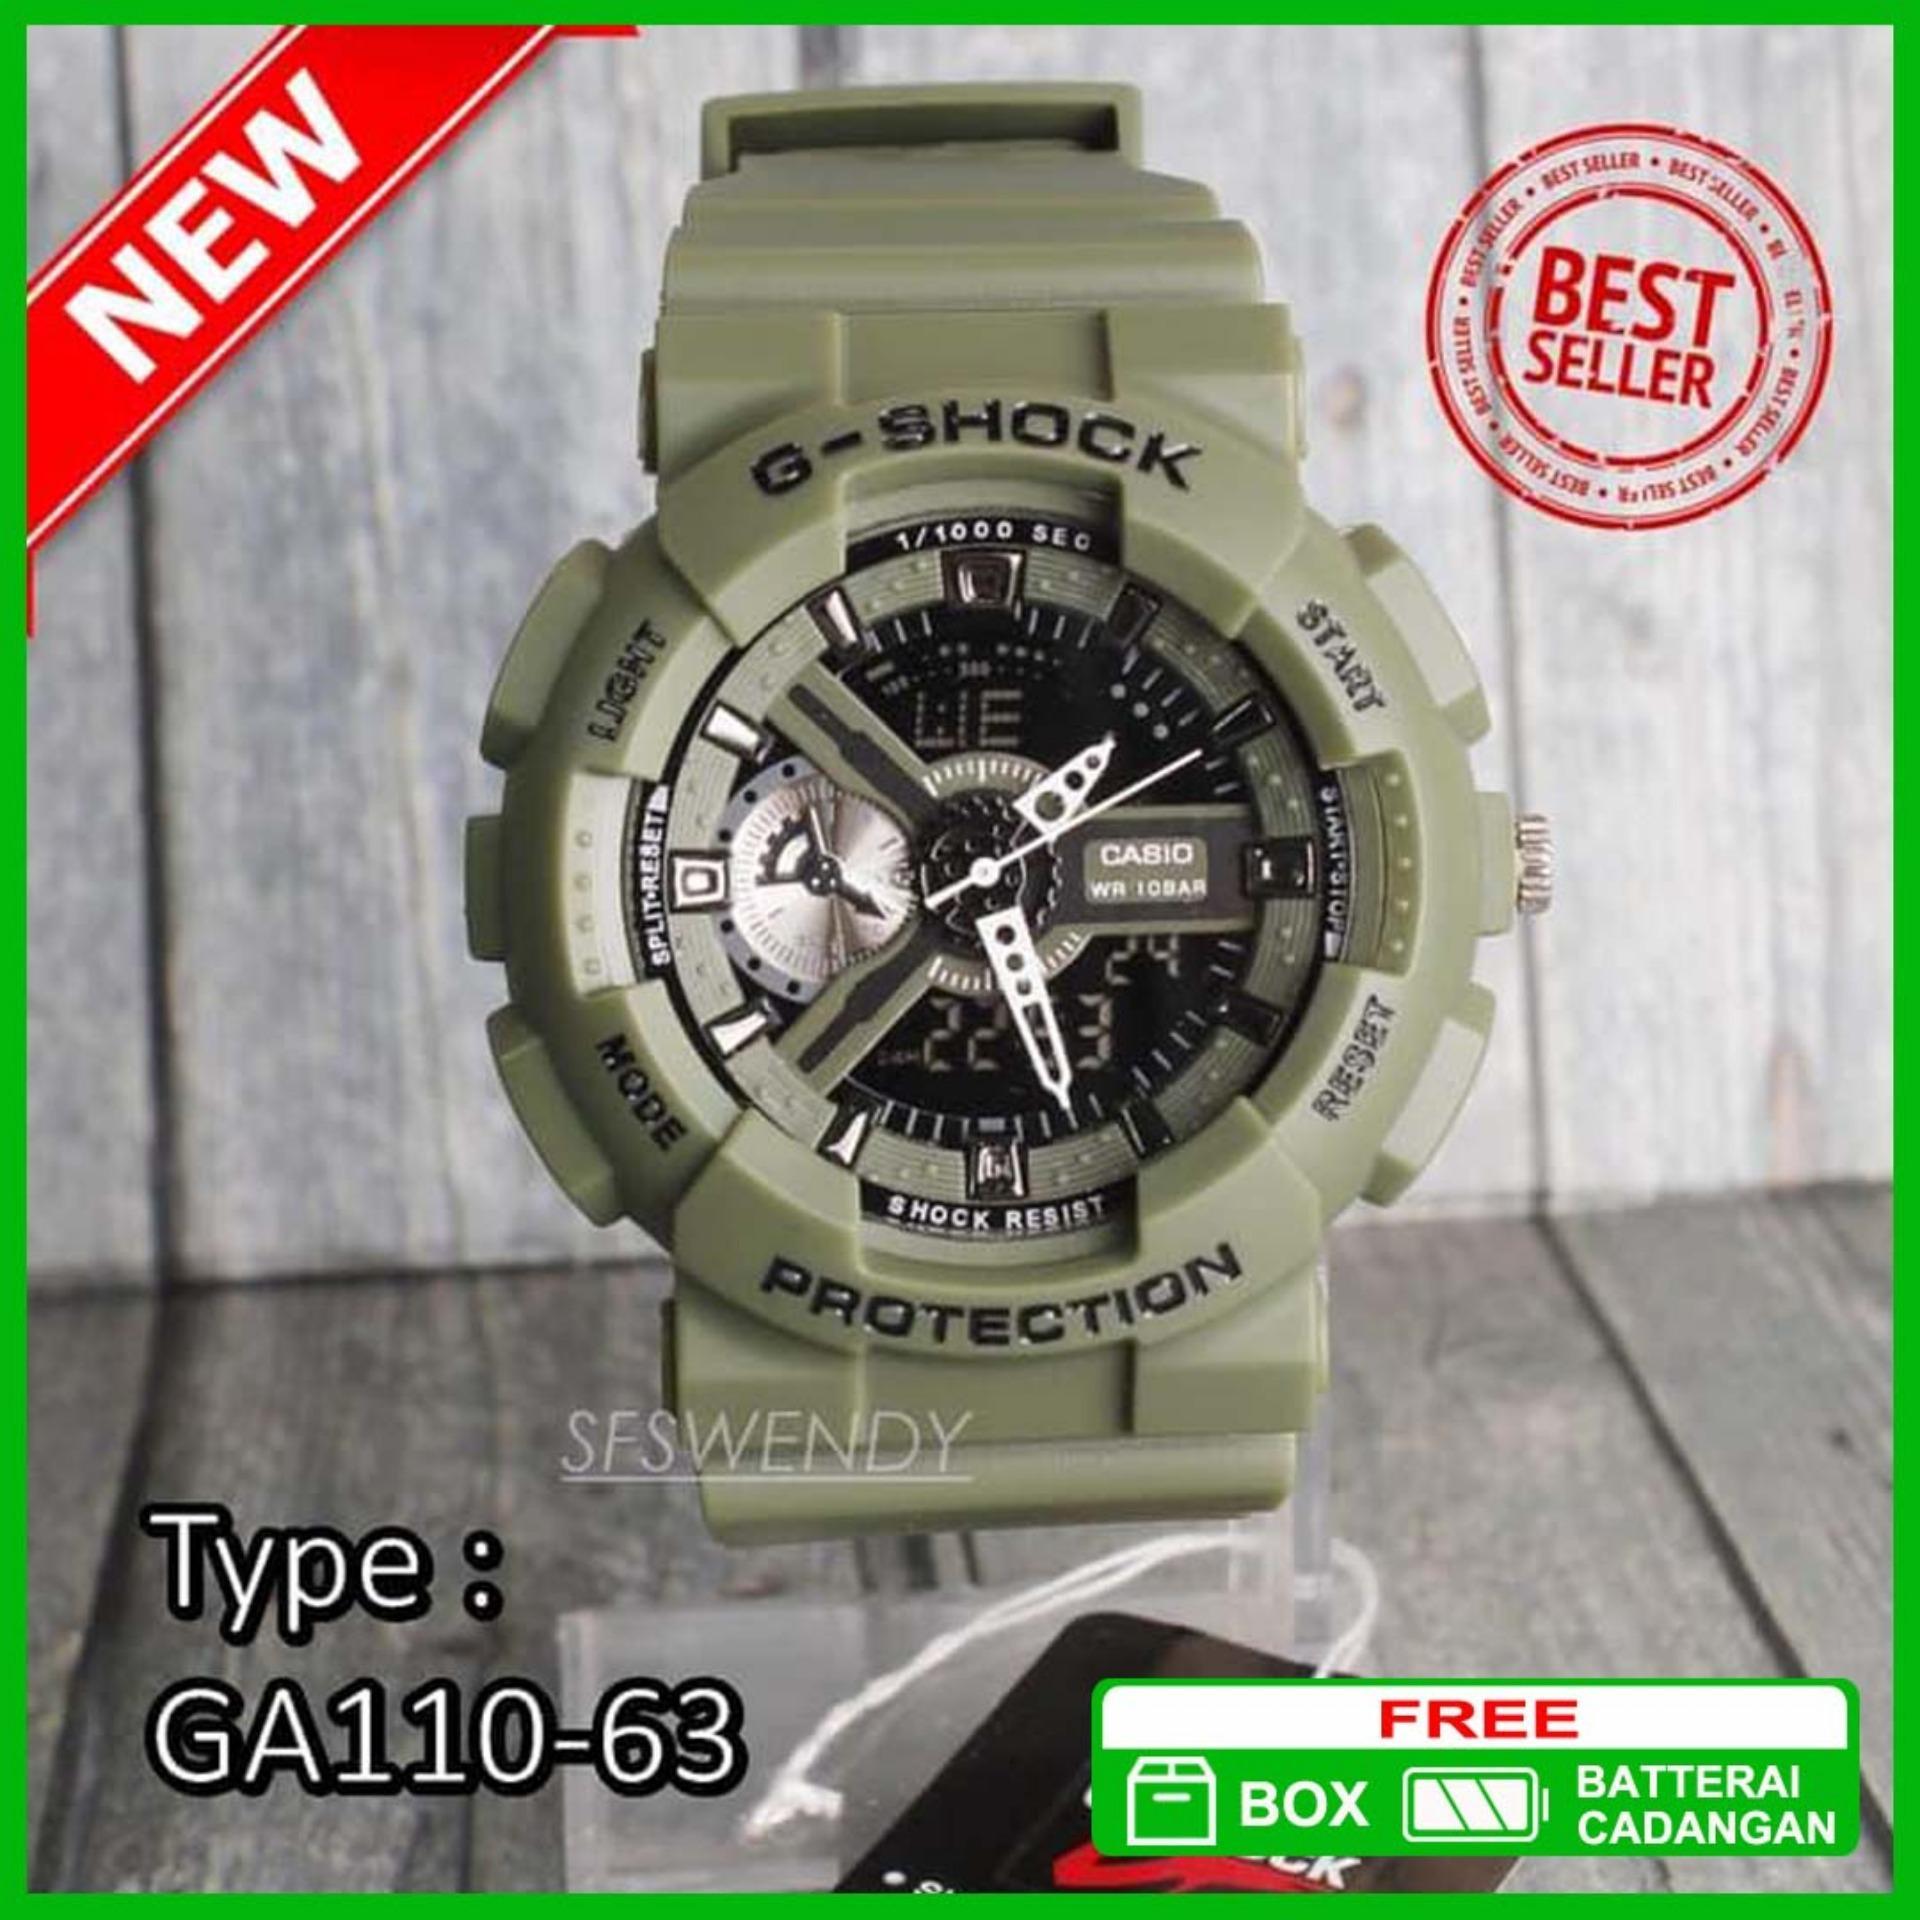 Casio G Shock 1400 1a3dr Hitam Hijau Daftar Harga Terkini Dan Edifice Gw A1000fc 1a4 Home Hitamhijau Source Termurah